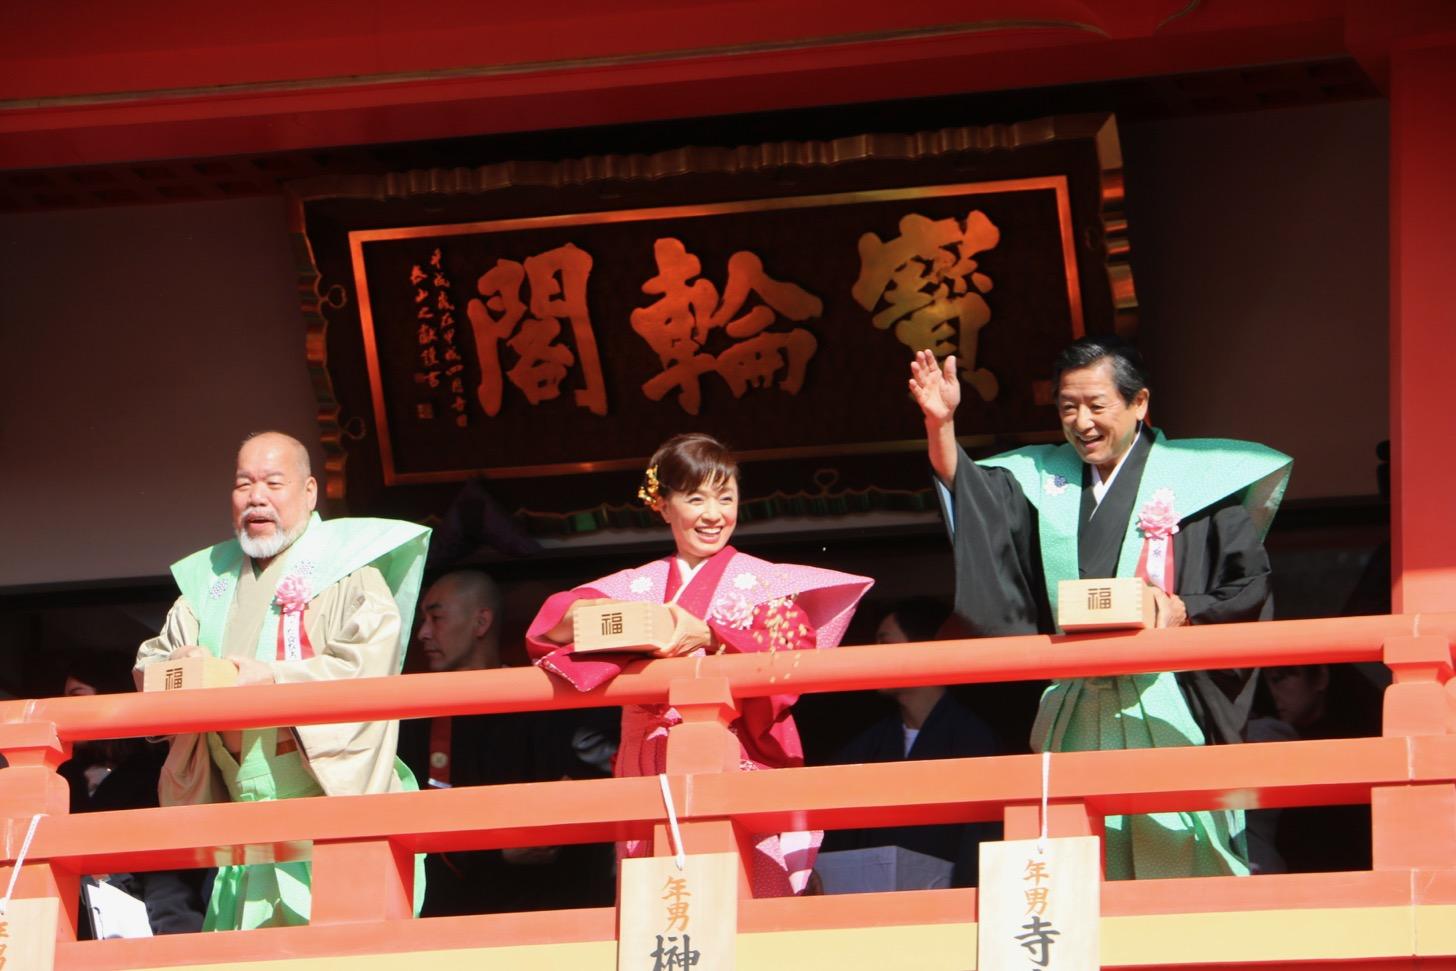 左からつのだ☆ひろさん、榊原郁恵さん、寺泉憲さん